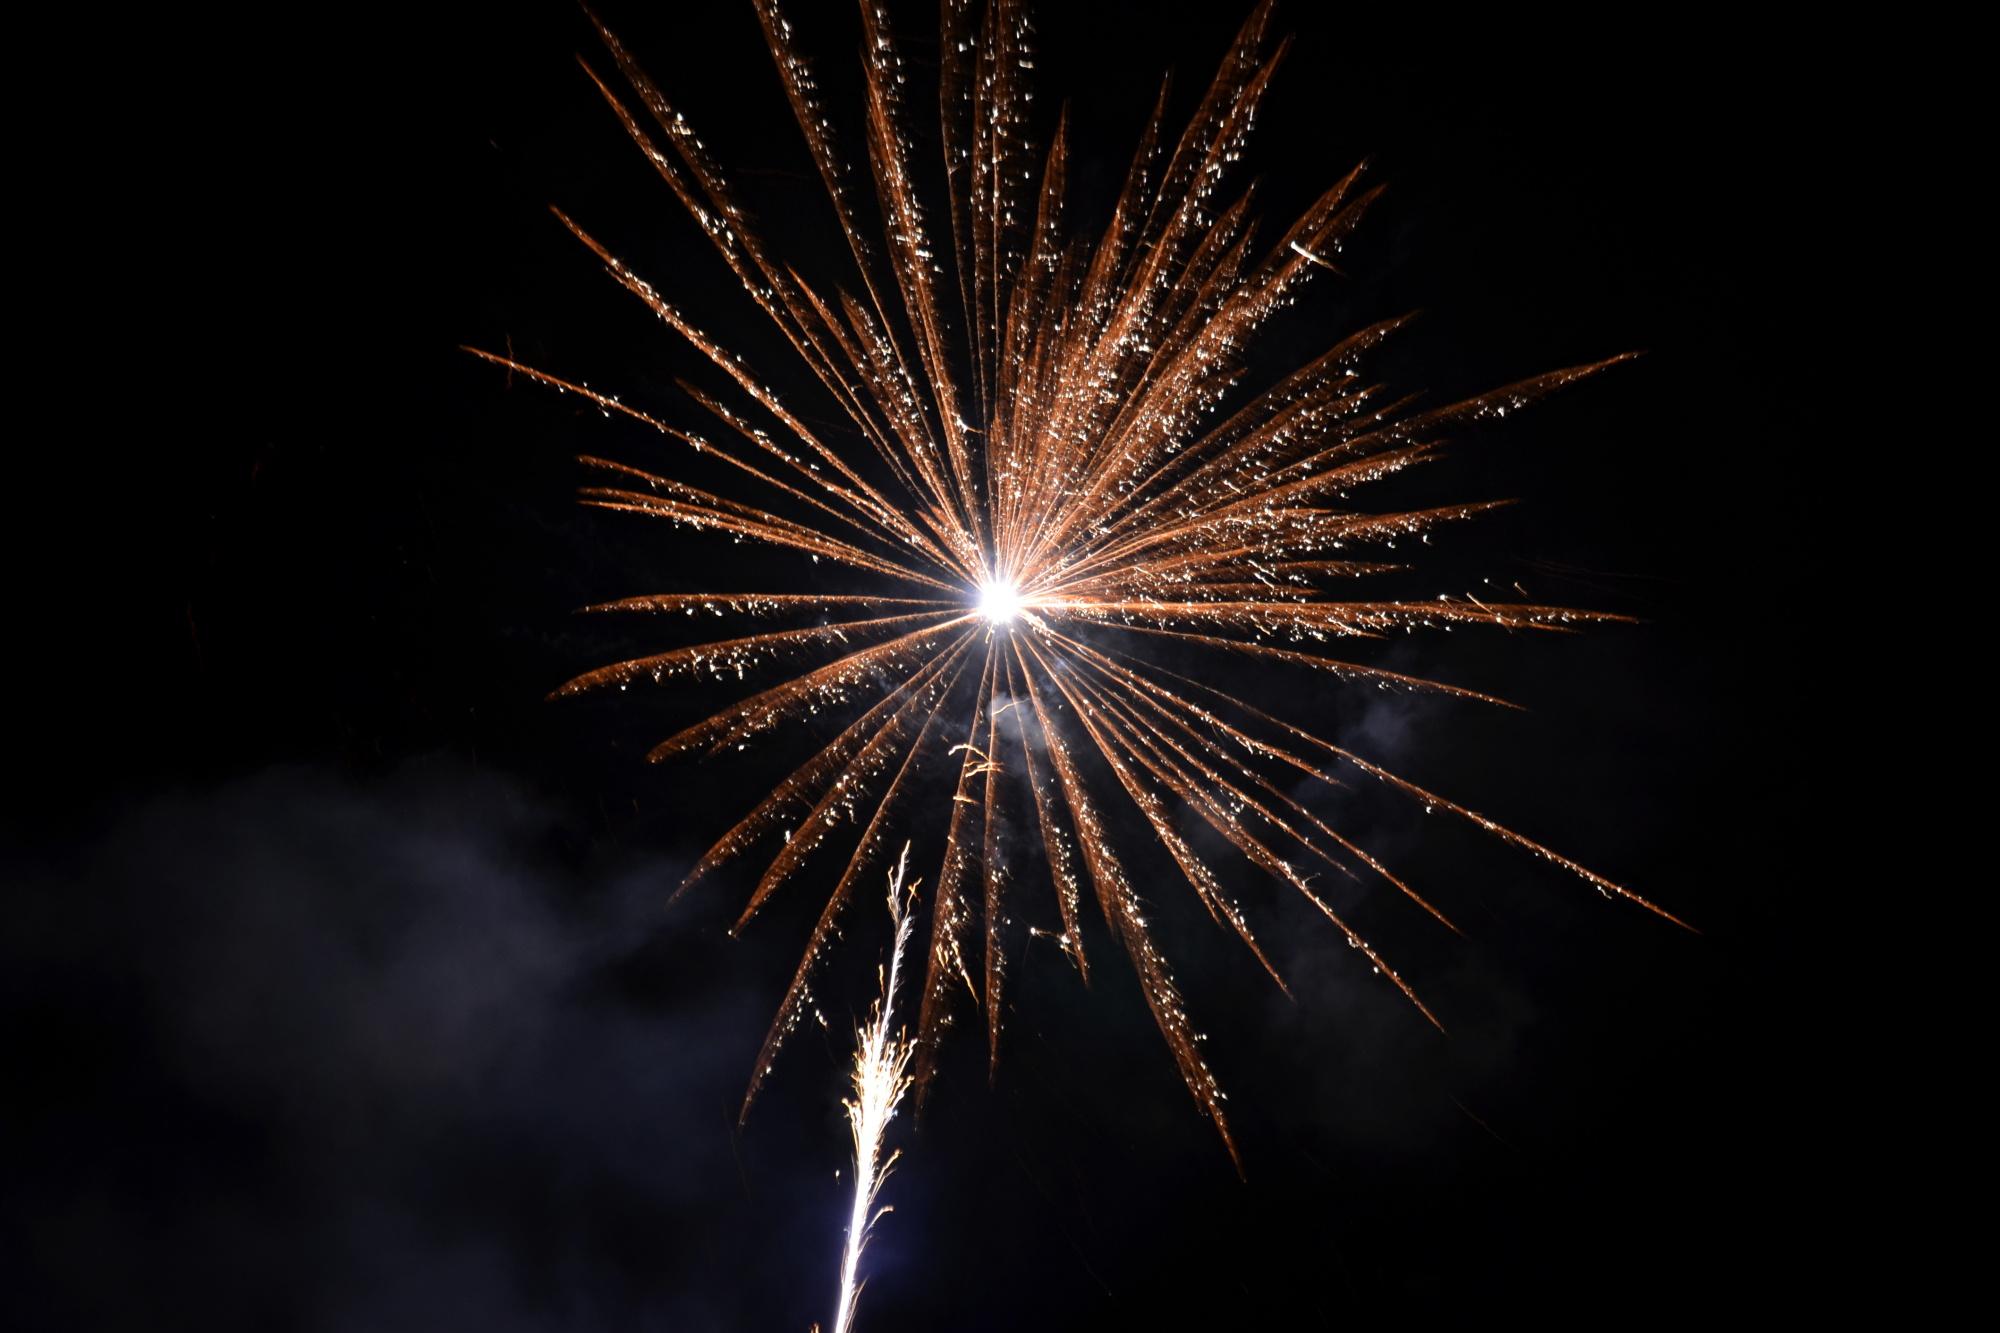 Novoroční ohňostroj, rachejtle, zábavní pyrotechnika, oslava nového roku, vítání roku 2016, Silvestr (ilustrační foto)